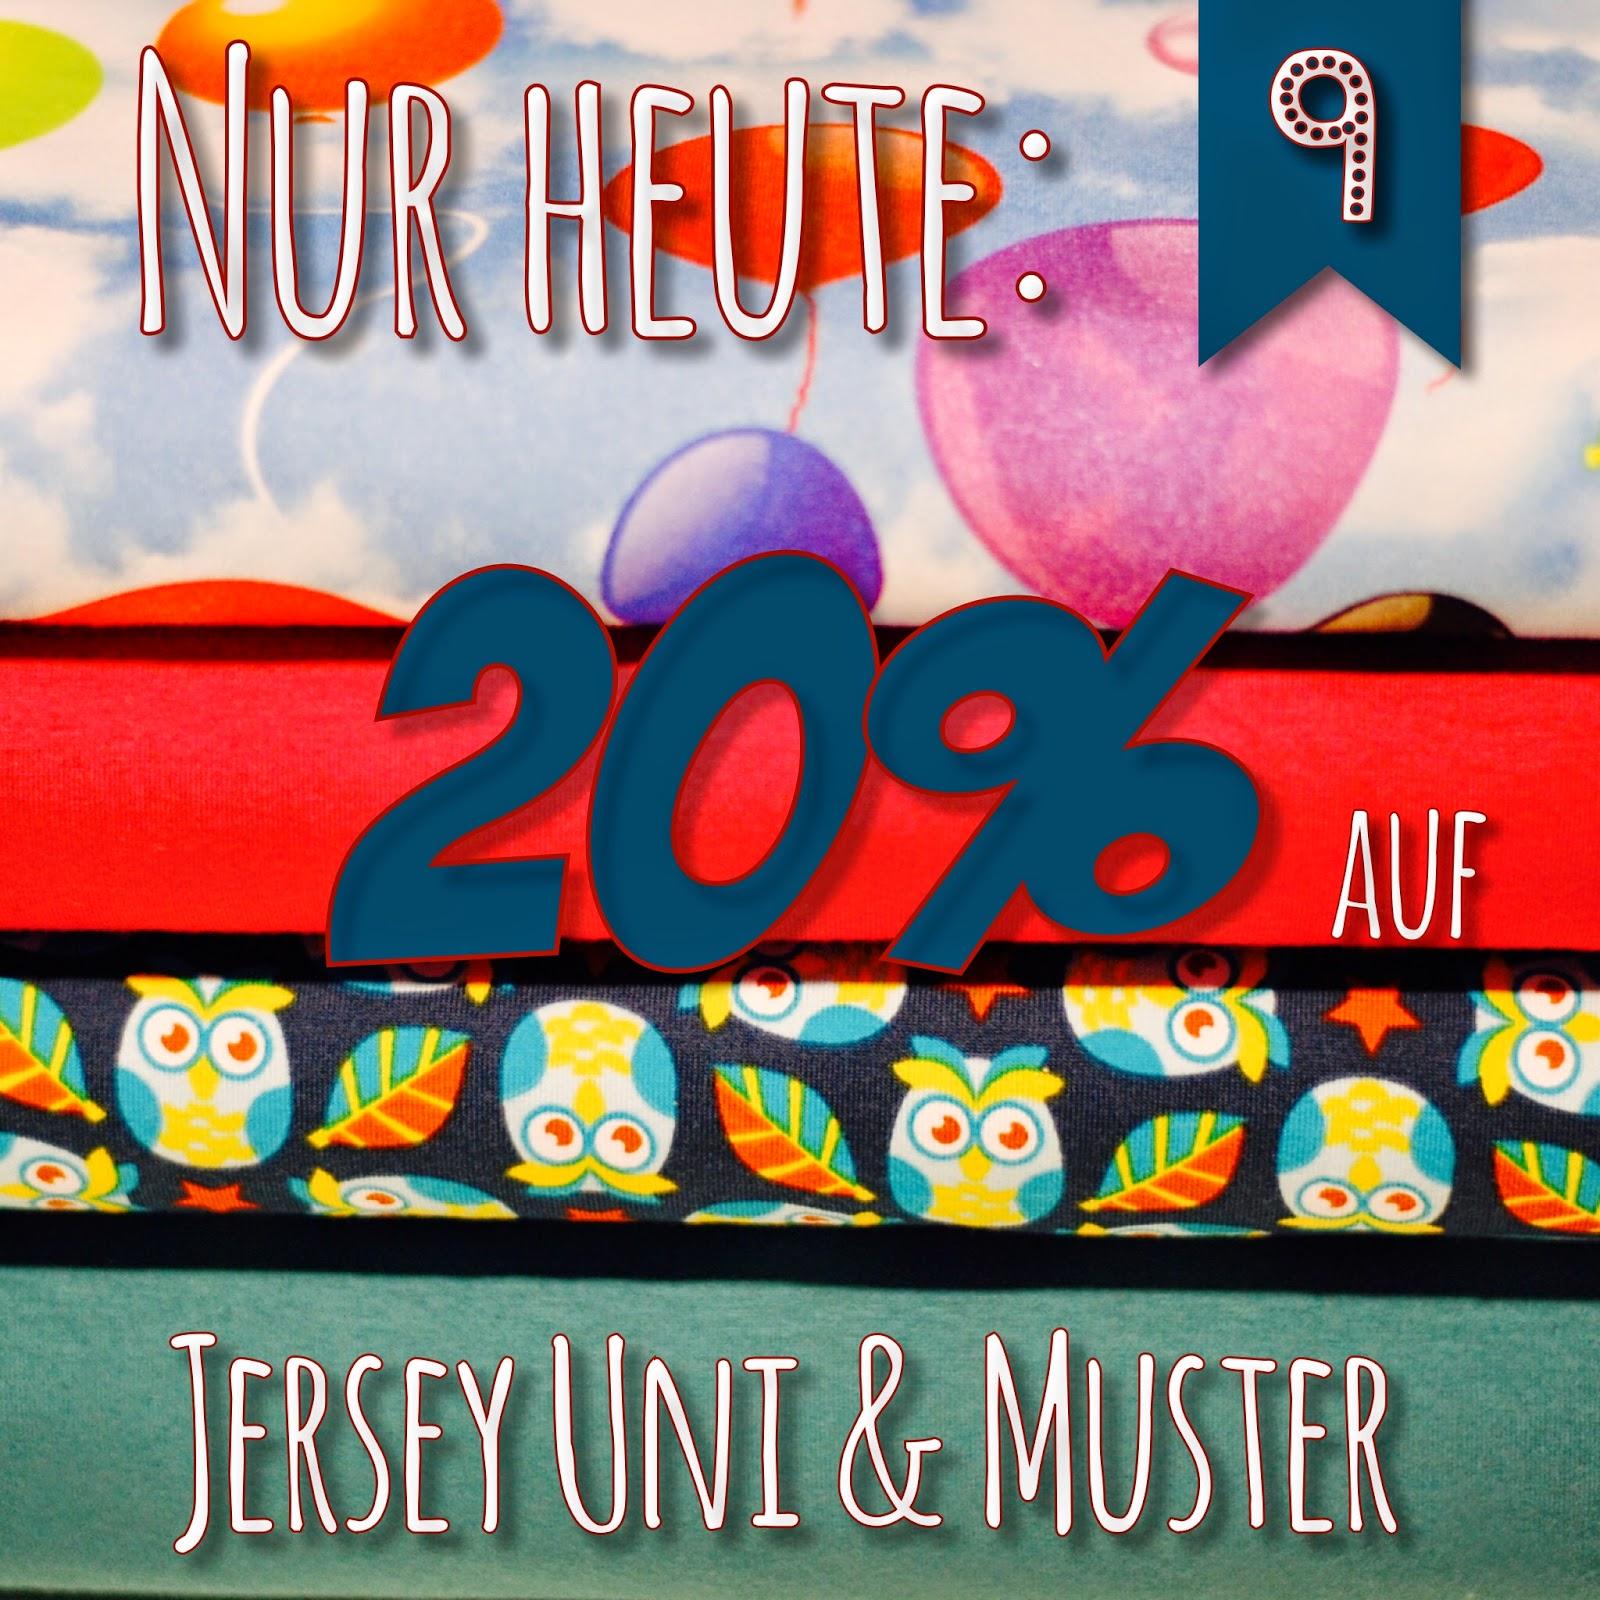 Türchen N°9 im Adventsmirakel: 20% Rabatt auf Jersey gemustert & uni! 1